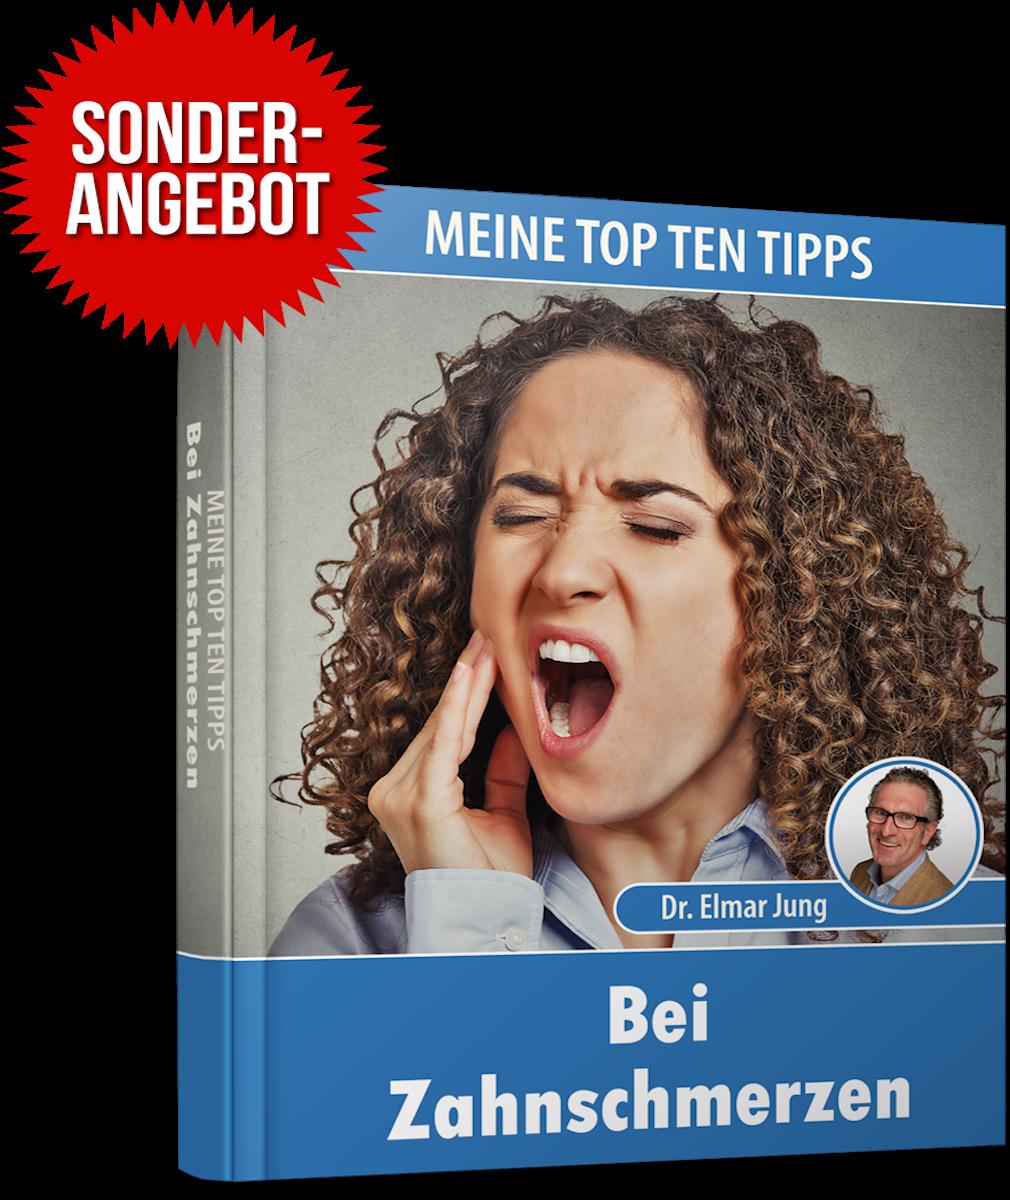 Top_Ten_Tipps_Bei_Zahnschmerzen_Sonderangebot_dr_elmar_jung_4.png